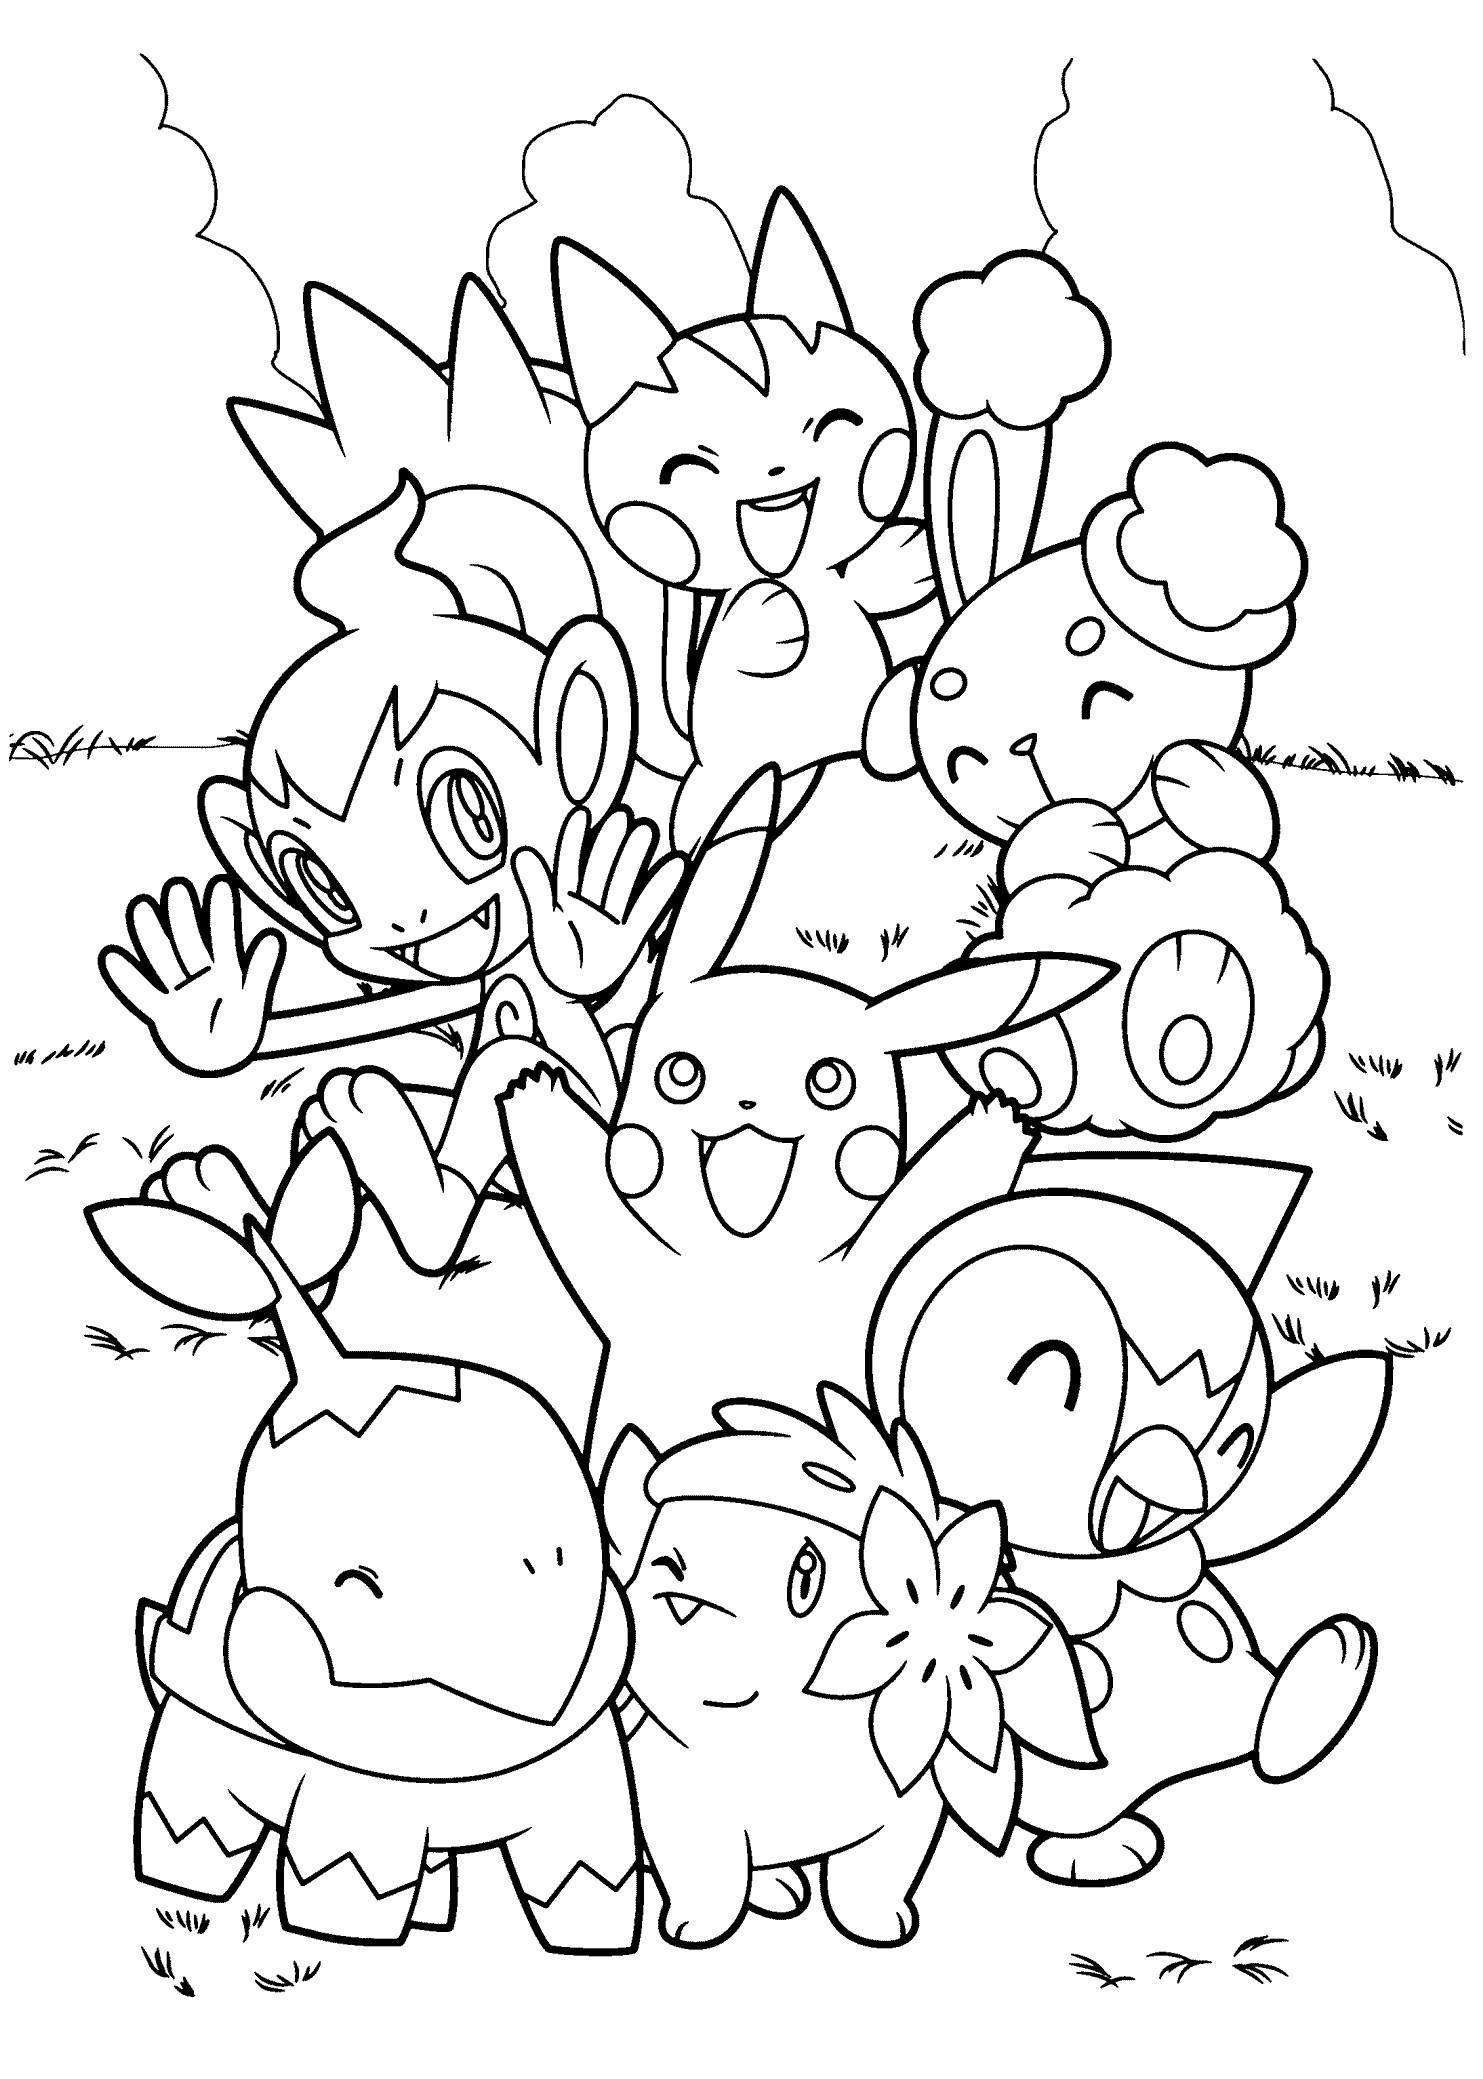 Malvorlagen Pokemon Glurak Frisch 28 Pixelmon Coloring Pages Fotos